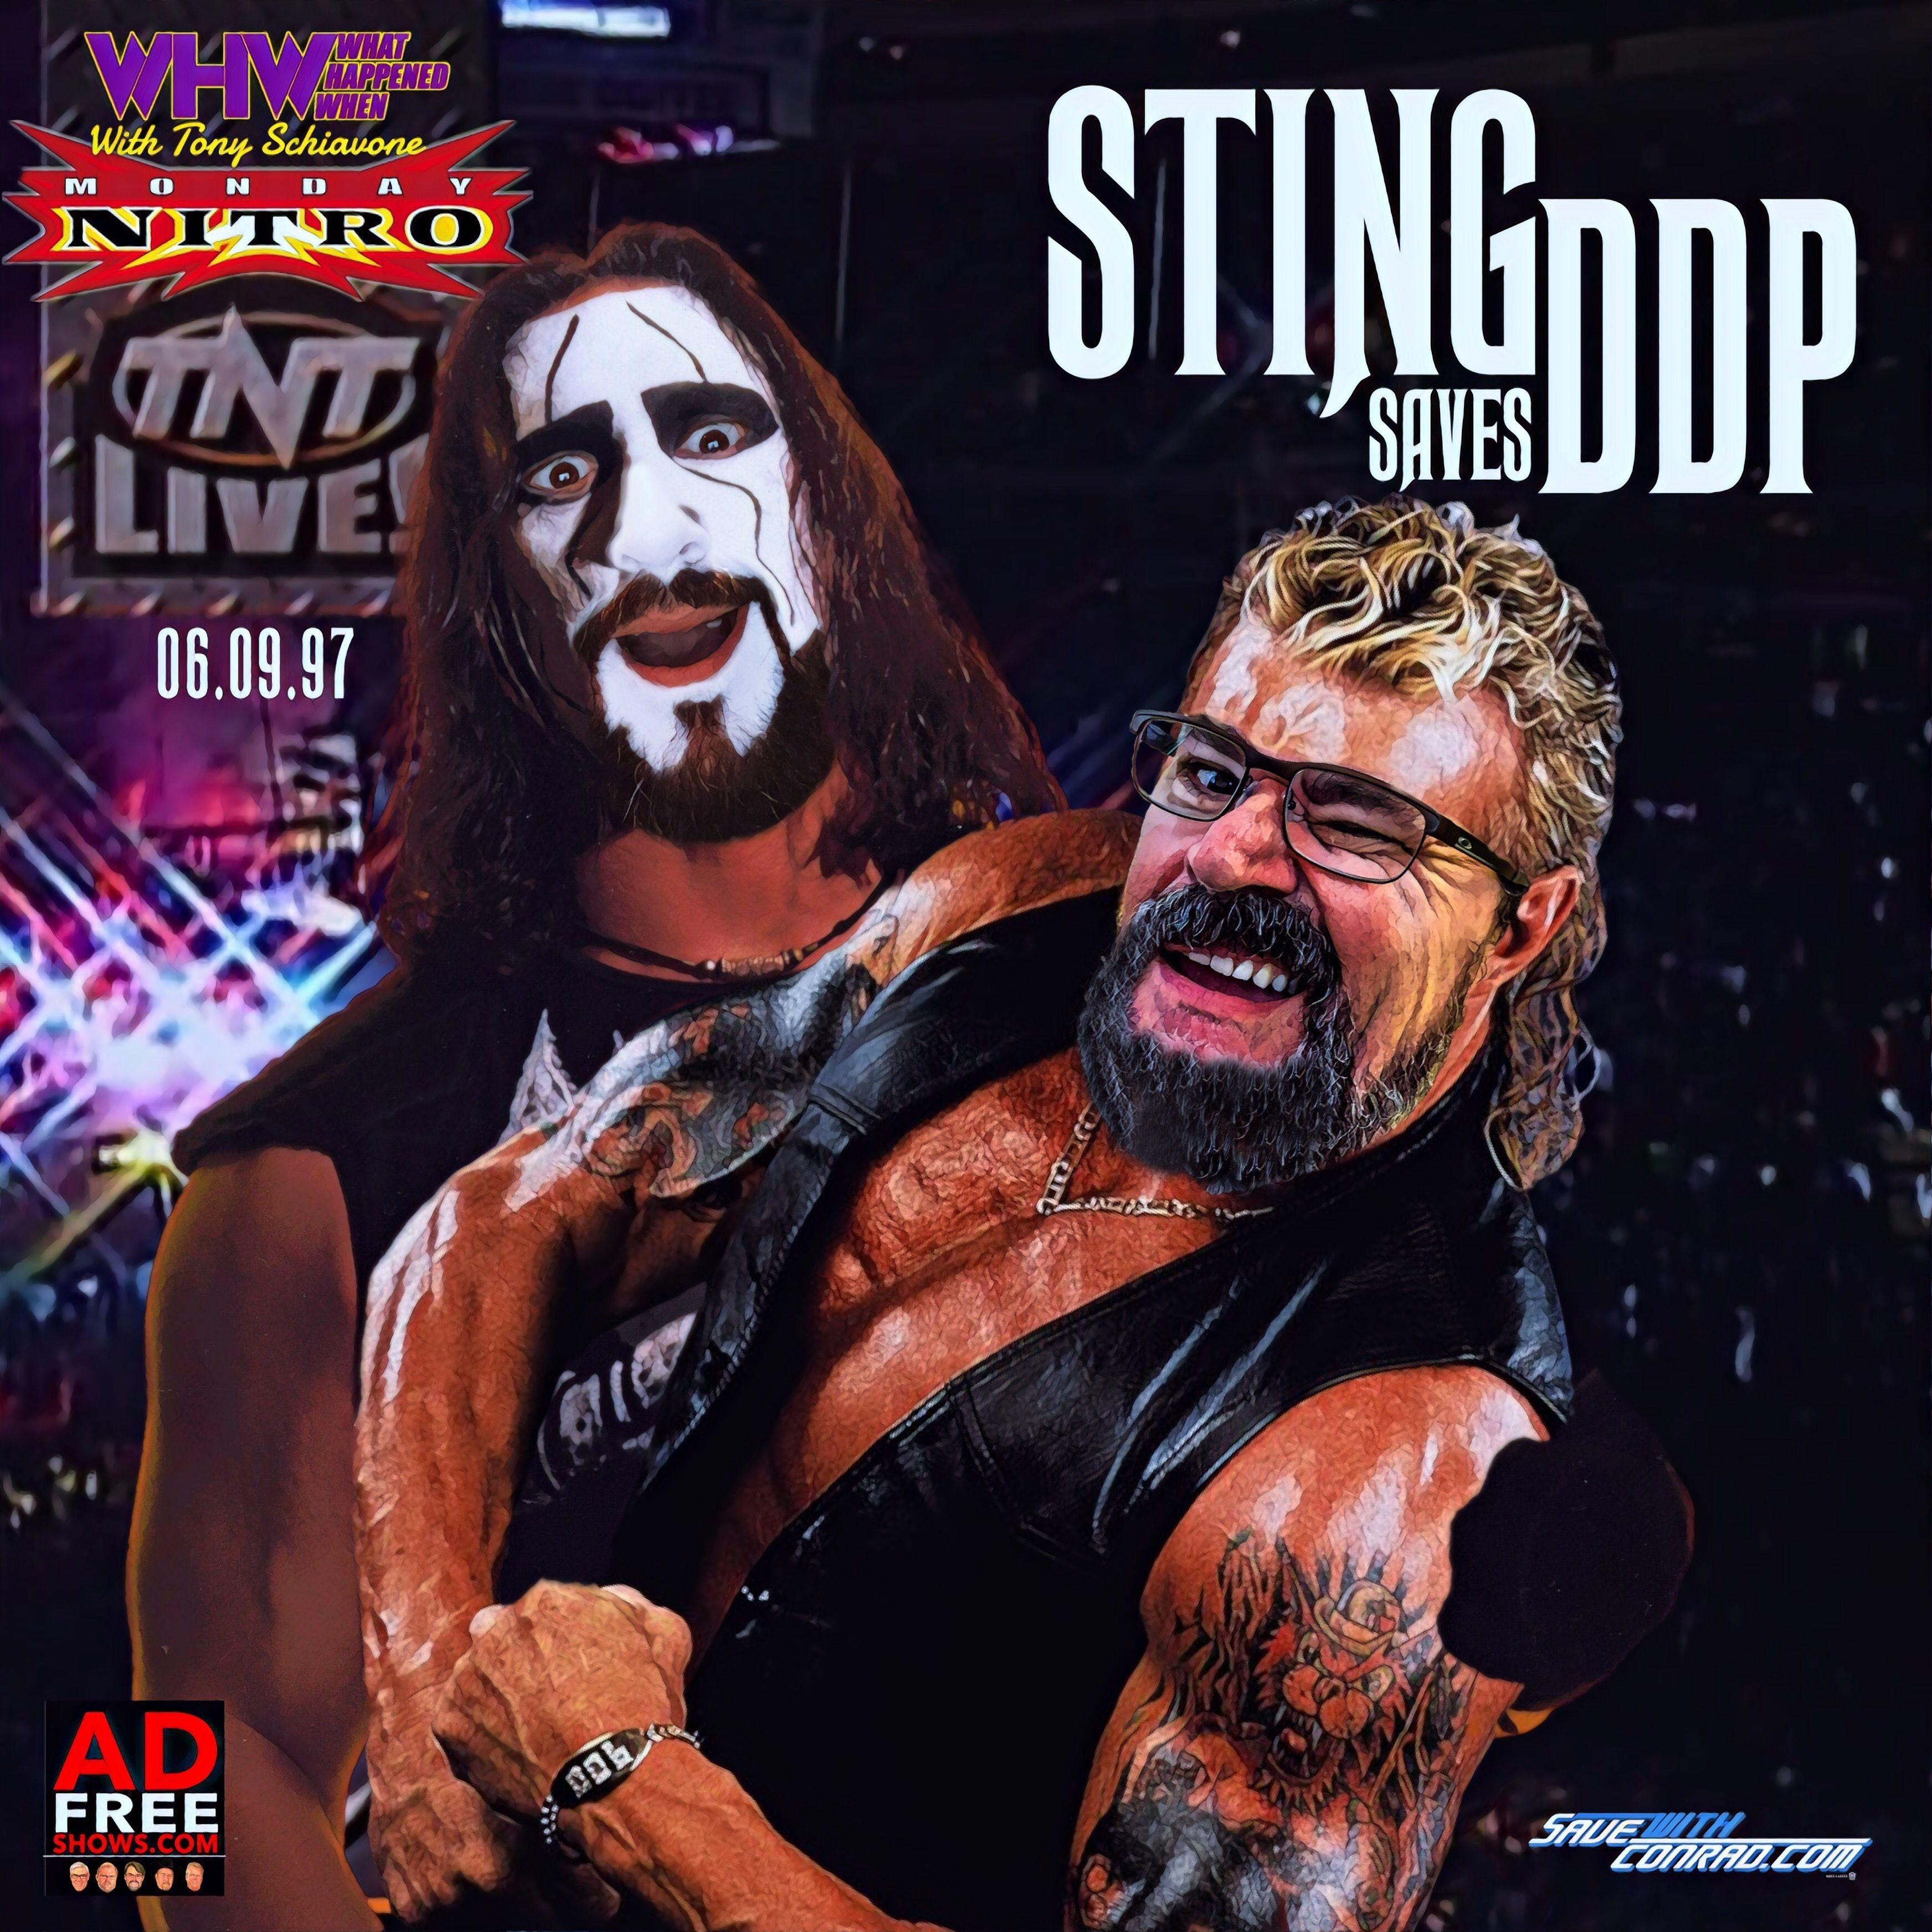 Episode 178:  WCW Monday Nitro 06-09-1997